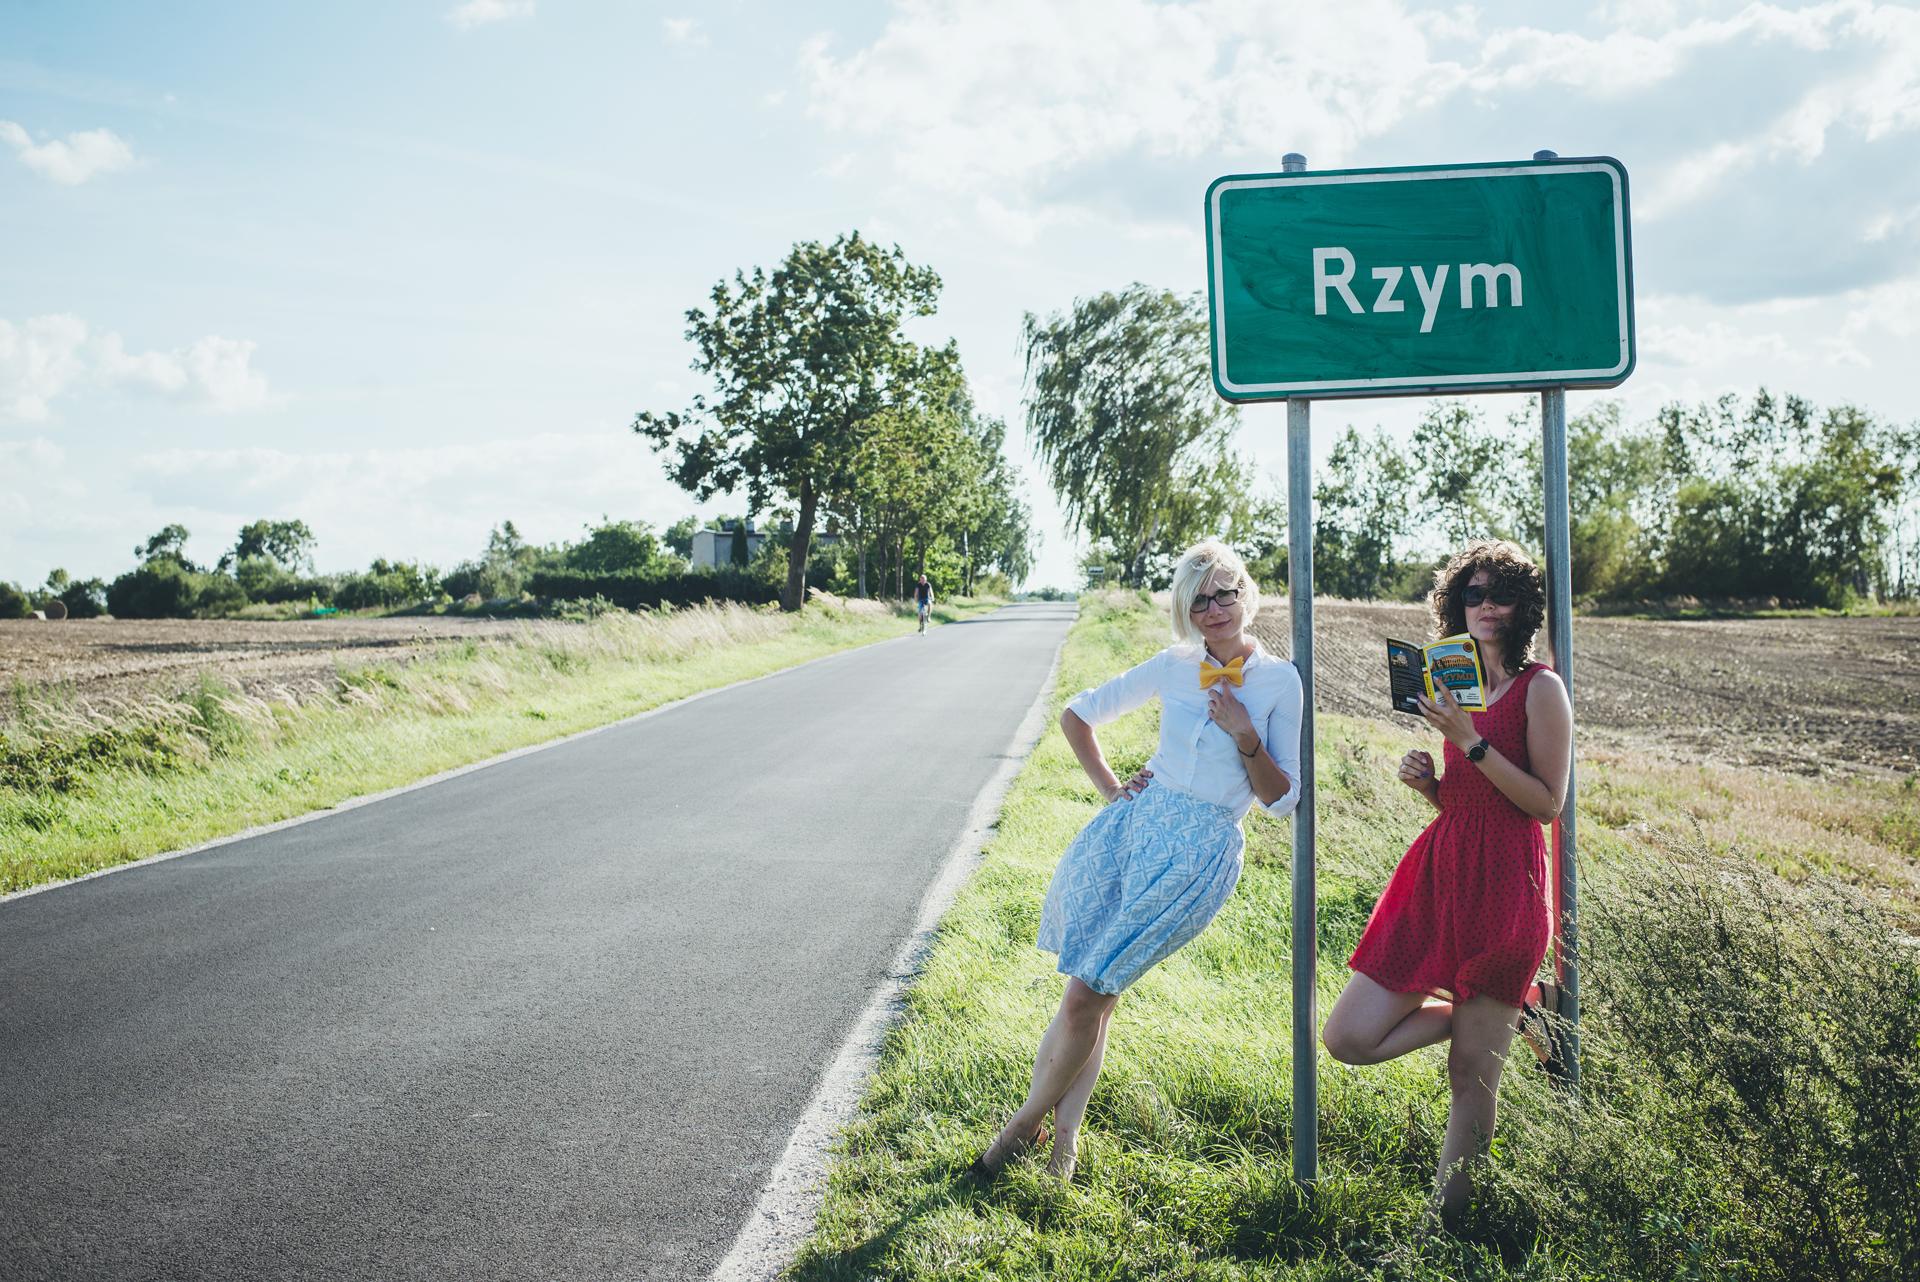 podróż dookoła świata rzym